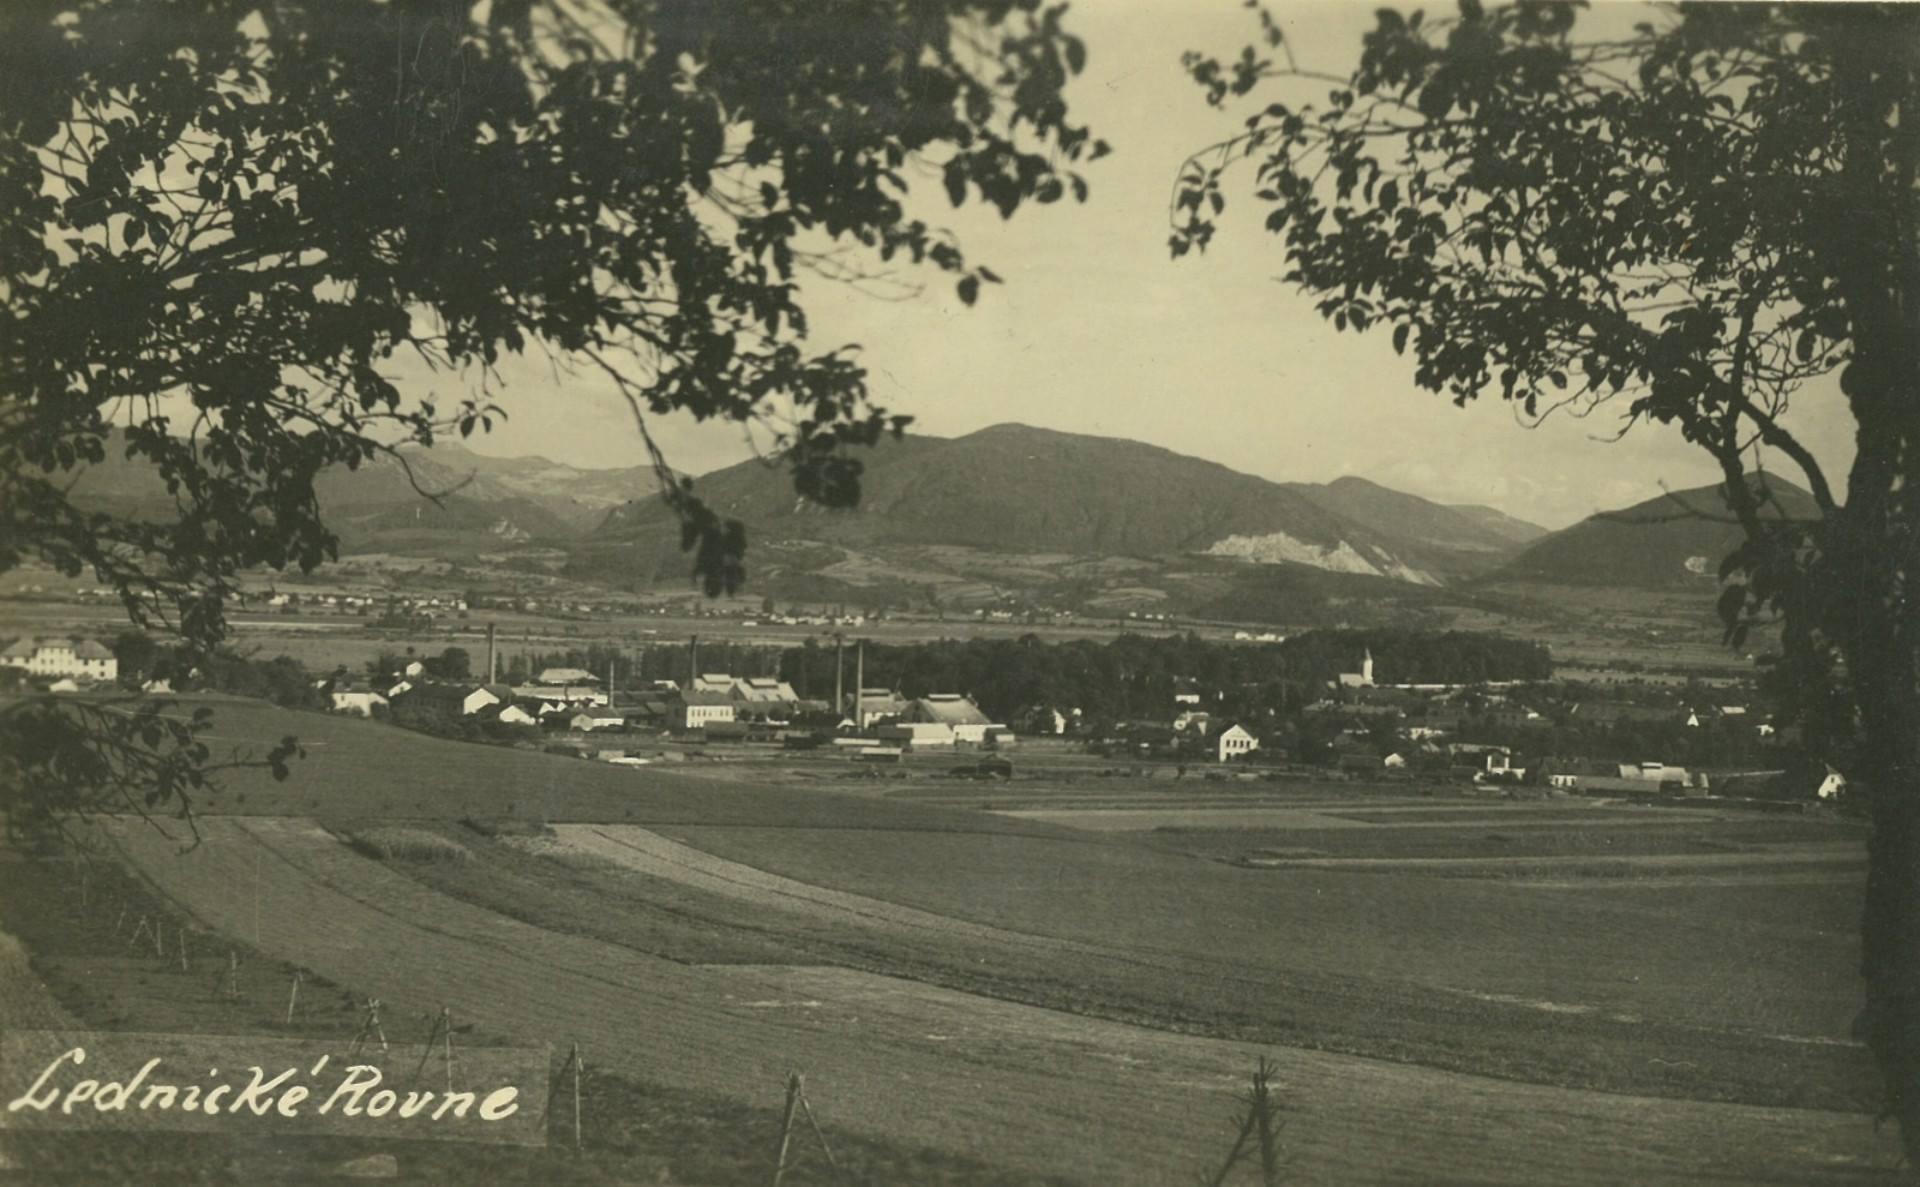 Pohľadnica Led. Rovní z r. 1925 zaujme ešte zalesnenou horou Butkov nad obcou Ladce v pozadí, kde sa dnes nachádza obrovský kameňolom.